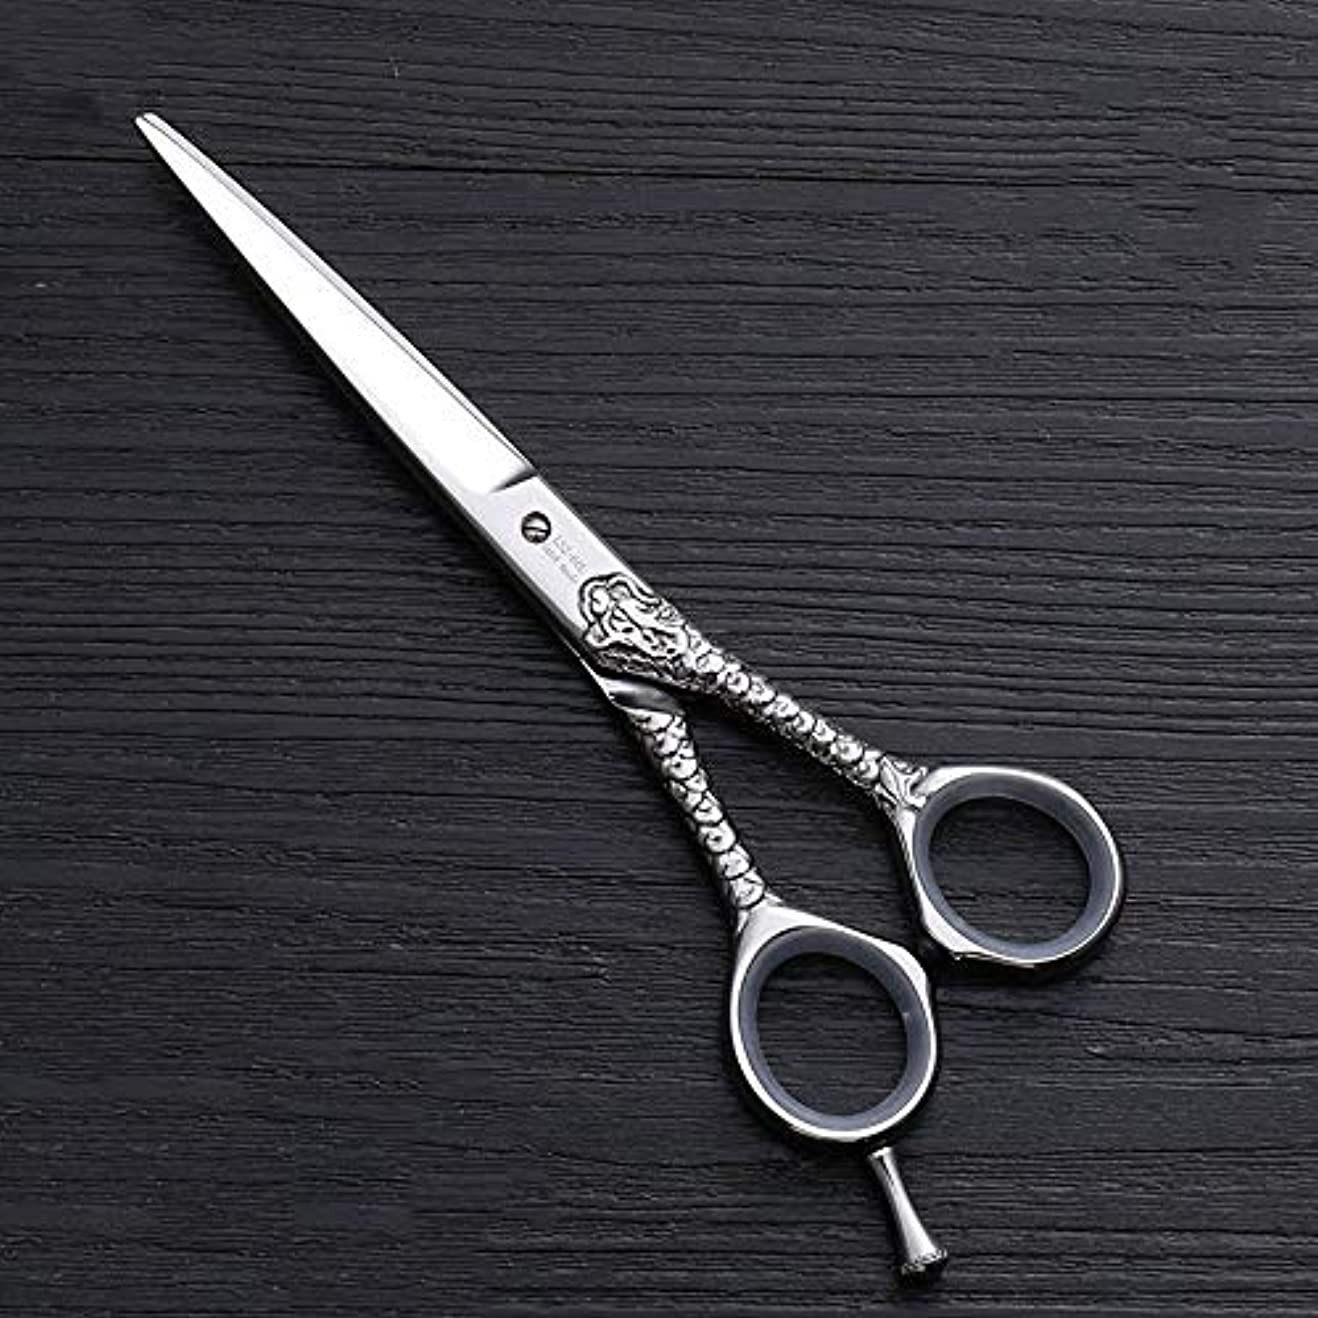 小道具かりて導出理髪用はさみ ハイエンドのパーソナライズされたプロのバリカン、6.0インチストレートカット理髪はさみヘアカットはさみステンレス理髪はさみ (色 : Silver)